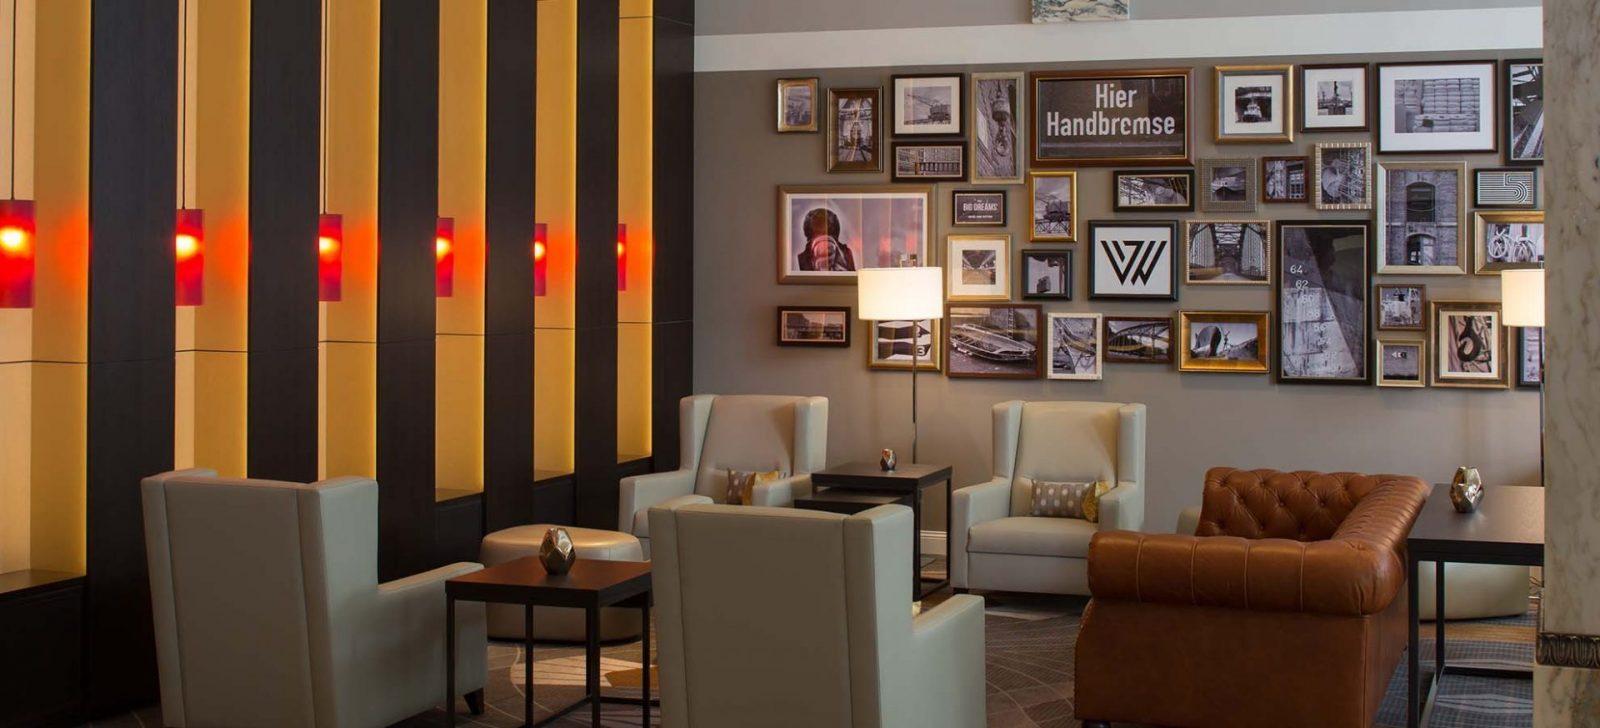 Reichshof Hotel Hamburg Sitzecke / Sitting area